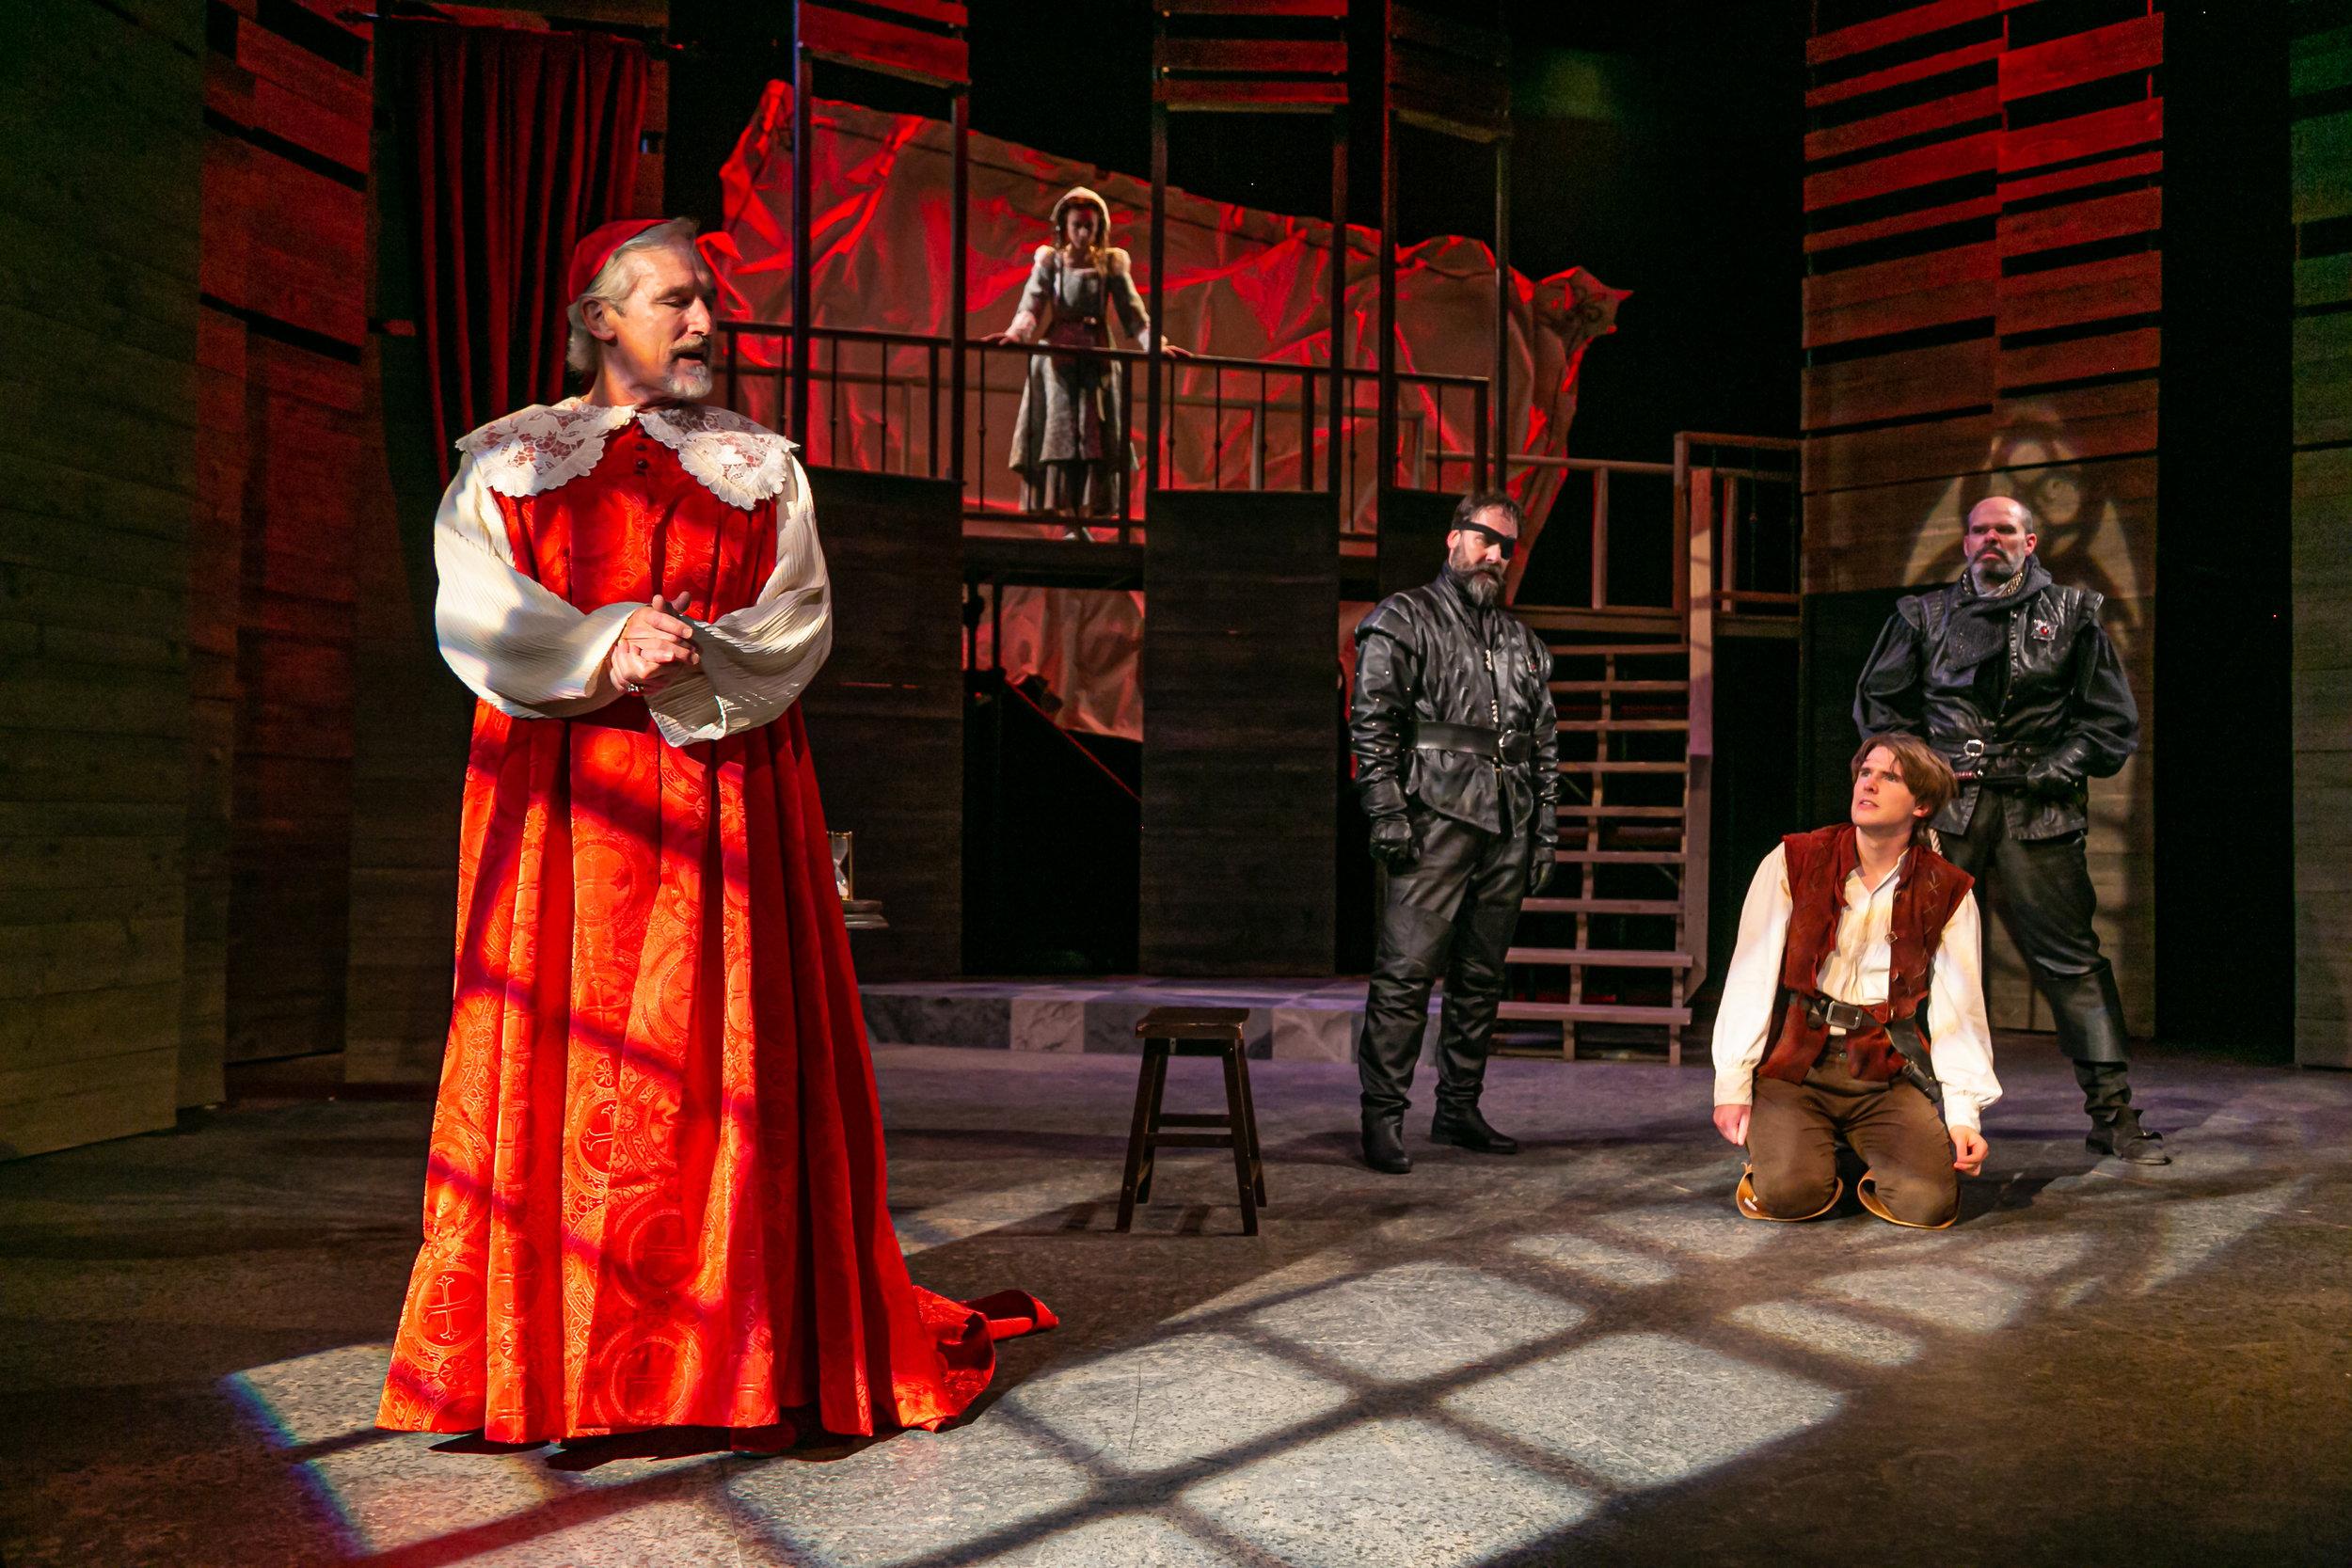 Cardinal Richelieu's Chamber